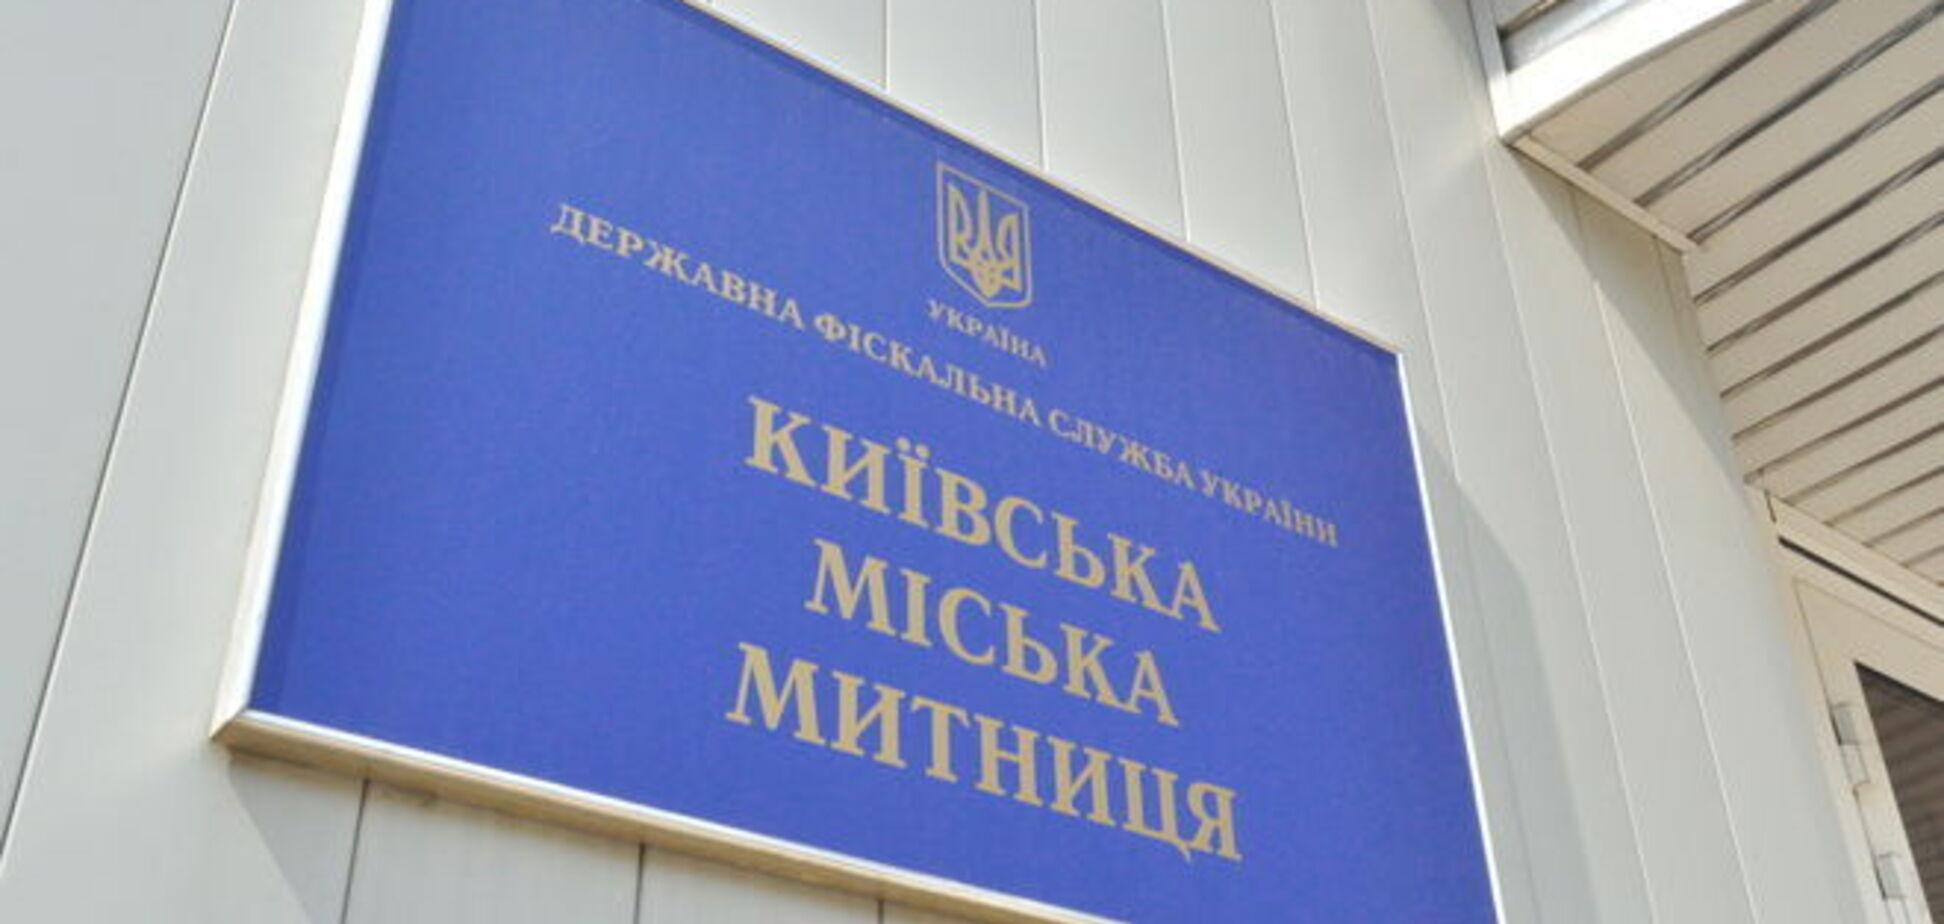 Київська митниця УКРІНФОРМ